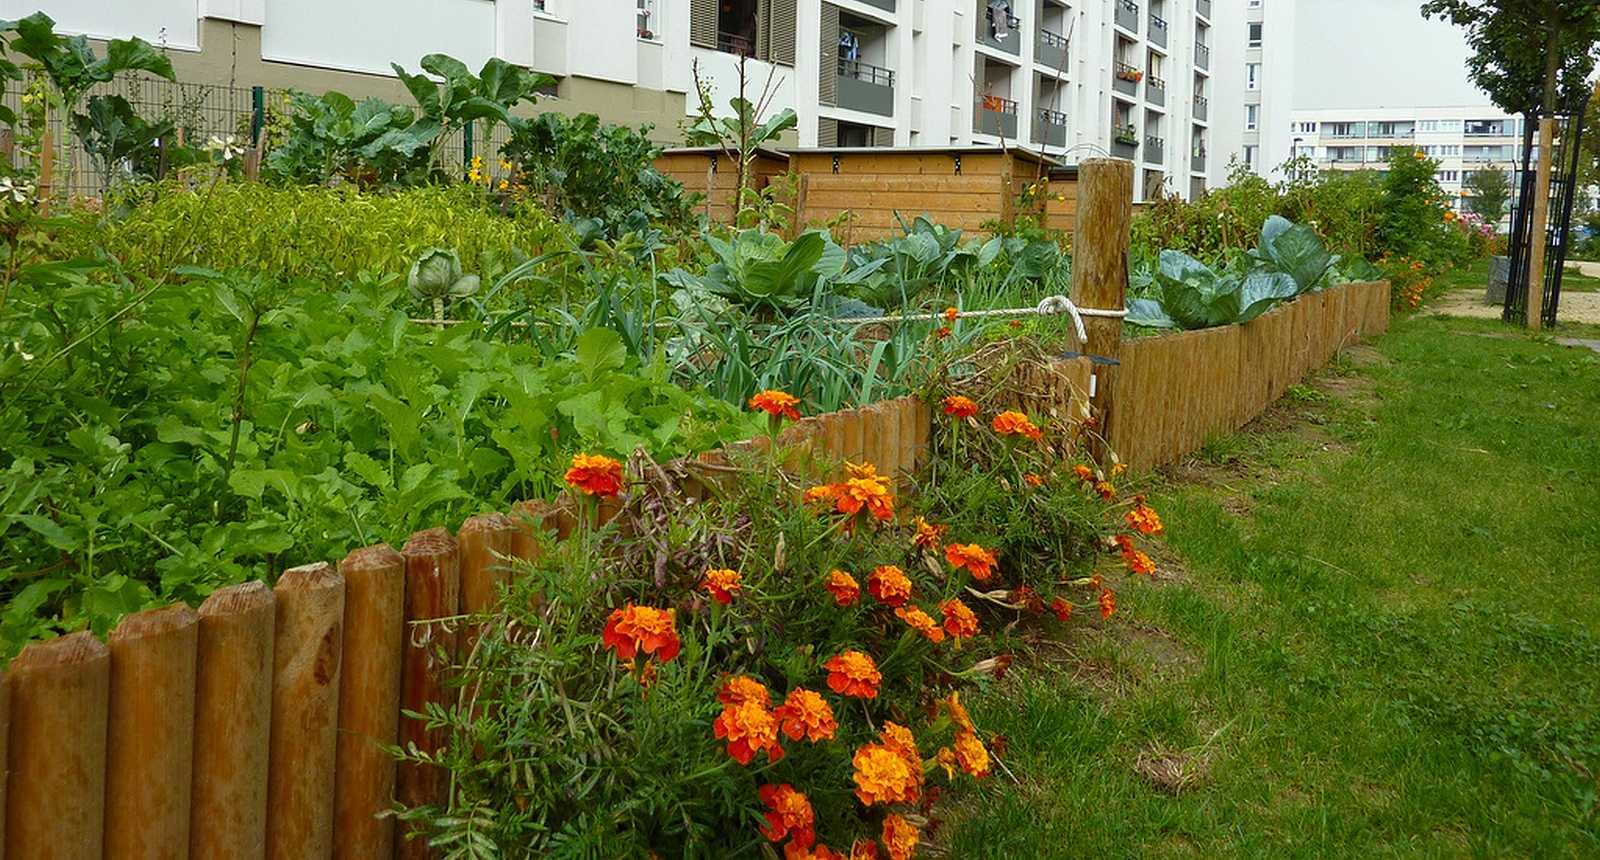 Photo les jardins ouvriers du z phyr aulnay sous bois for Les jardins en france